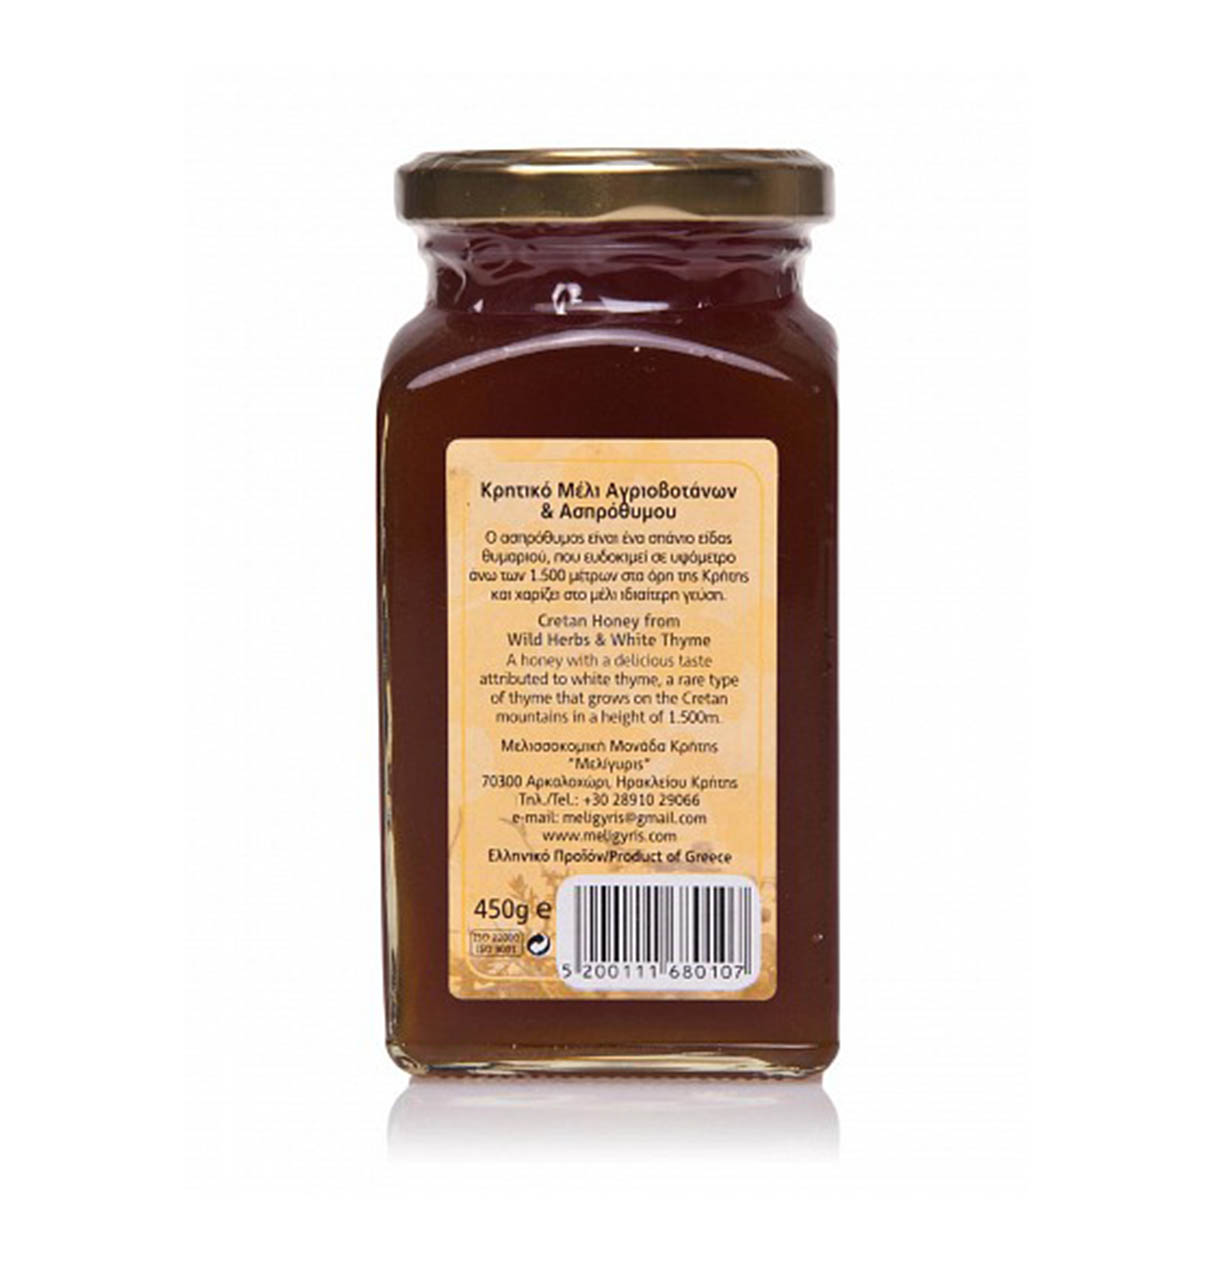 """Μέλι Κρήτης Αγριοβοτάνων και Ασπρόθυμου """"Μελίγυρις"""" 450g"""